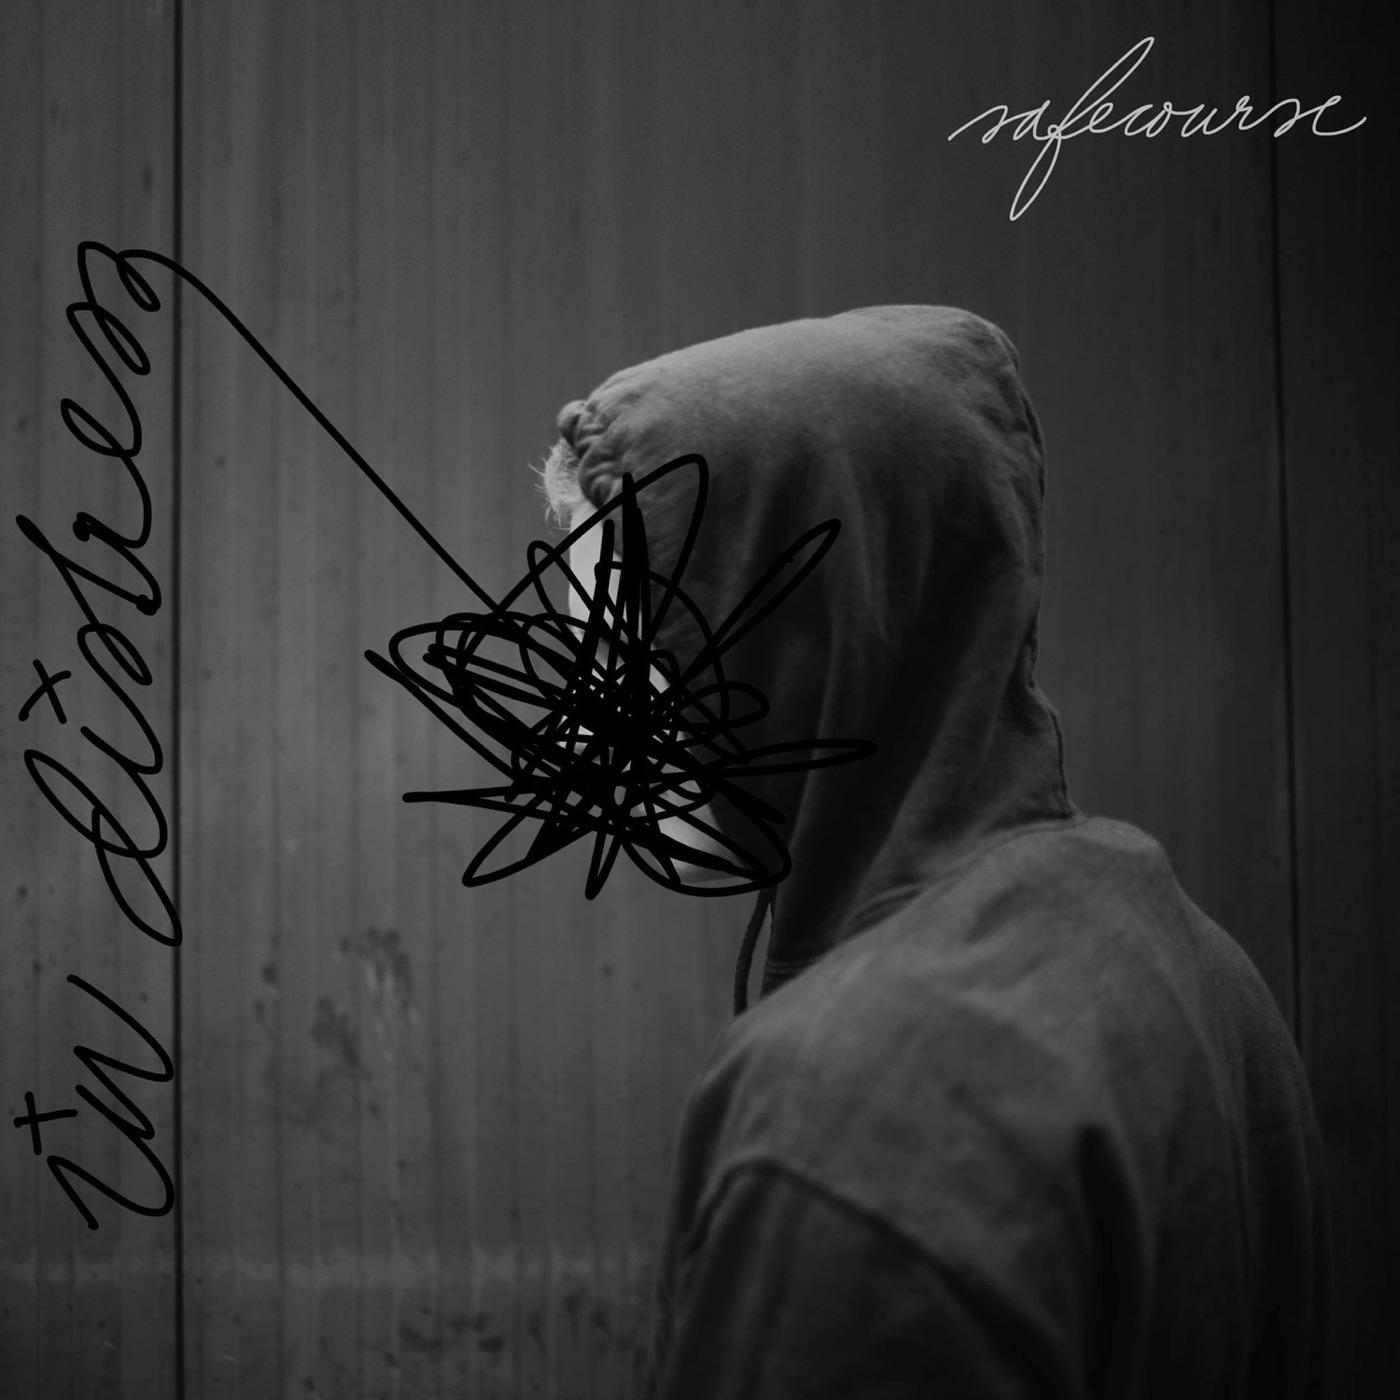 Safecourse - In Distress [EP] (2018)